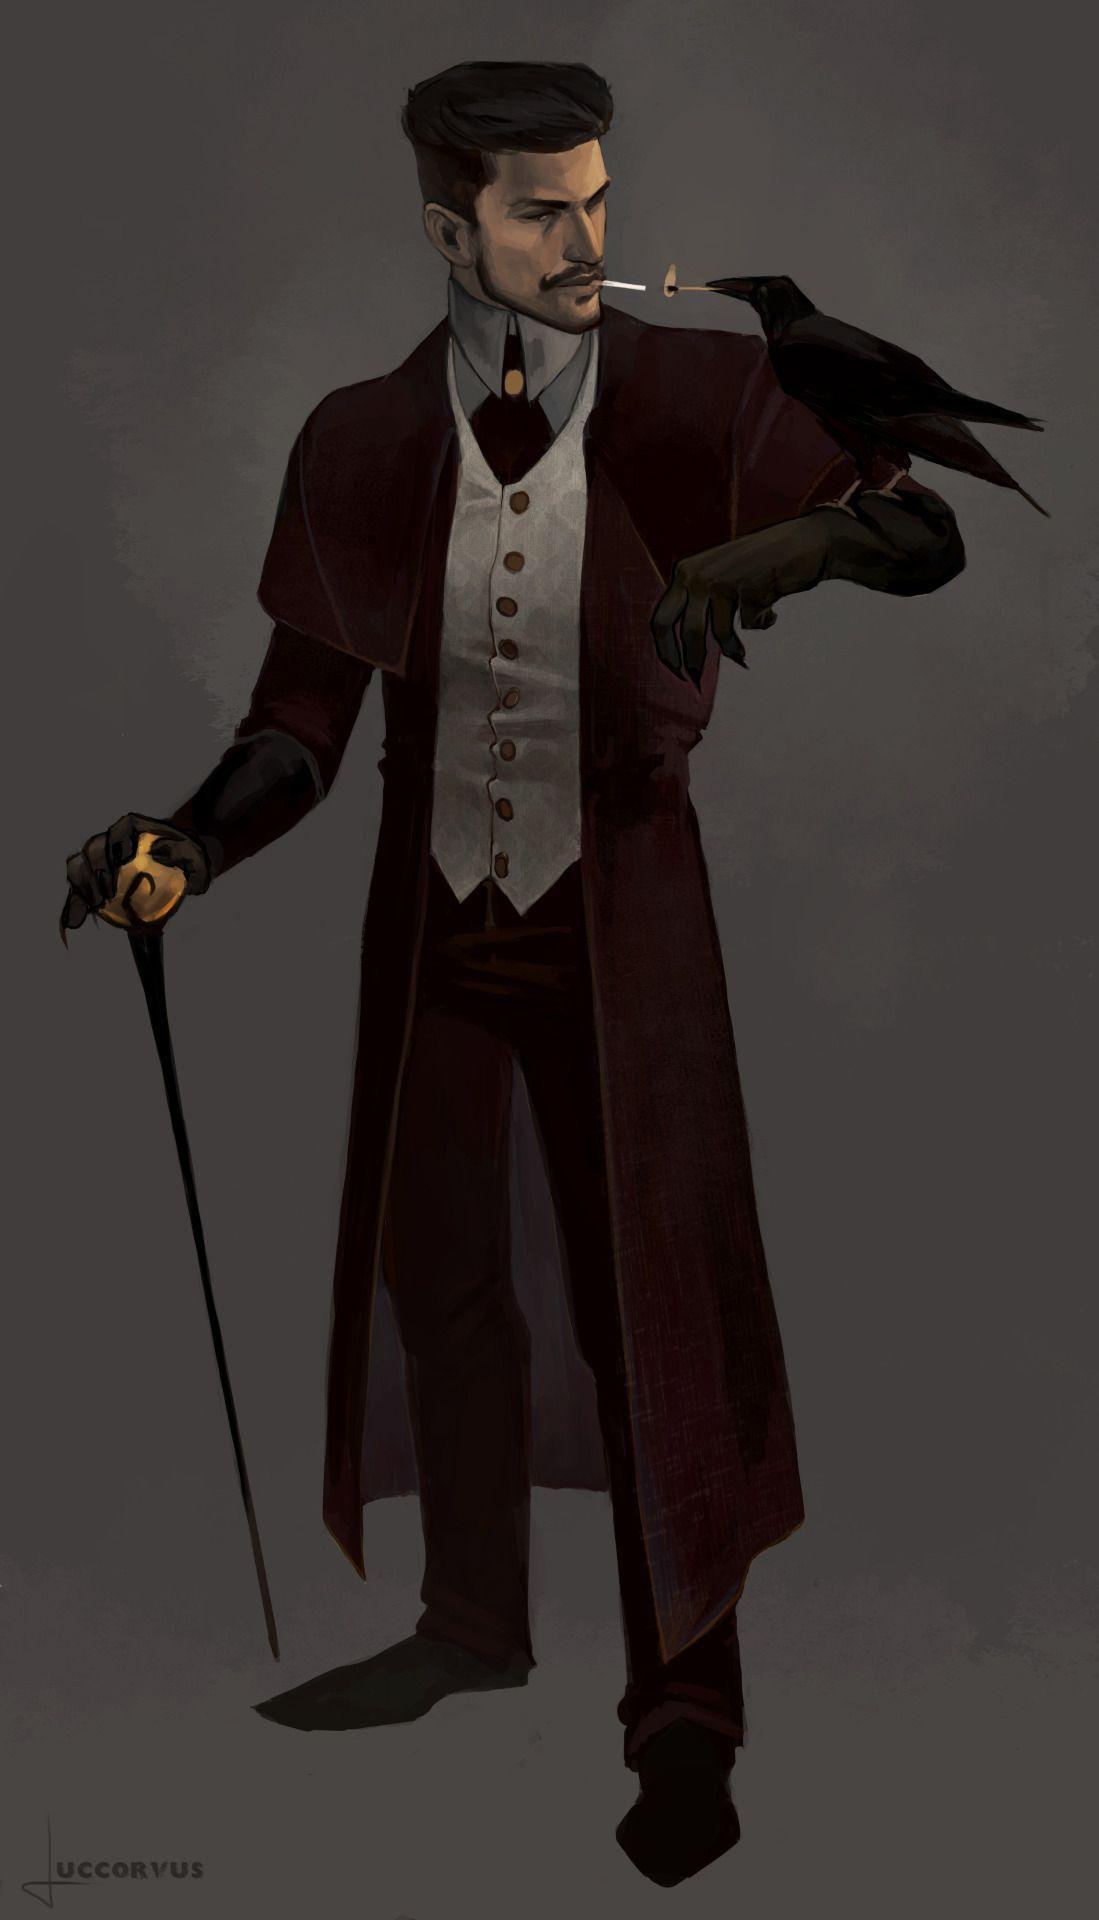 Lord Thornwell